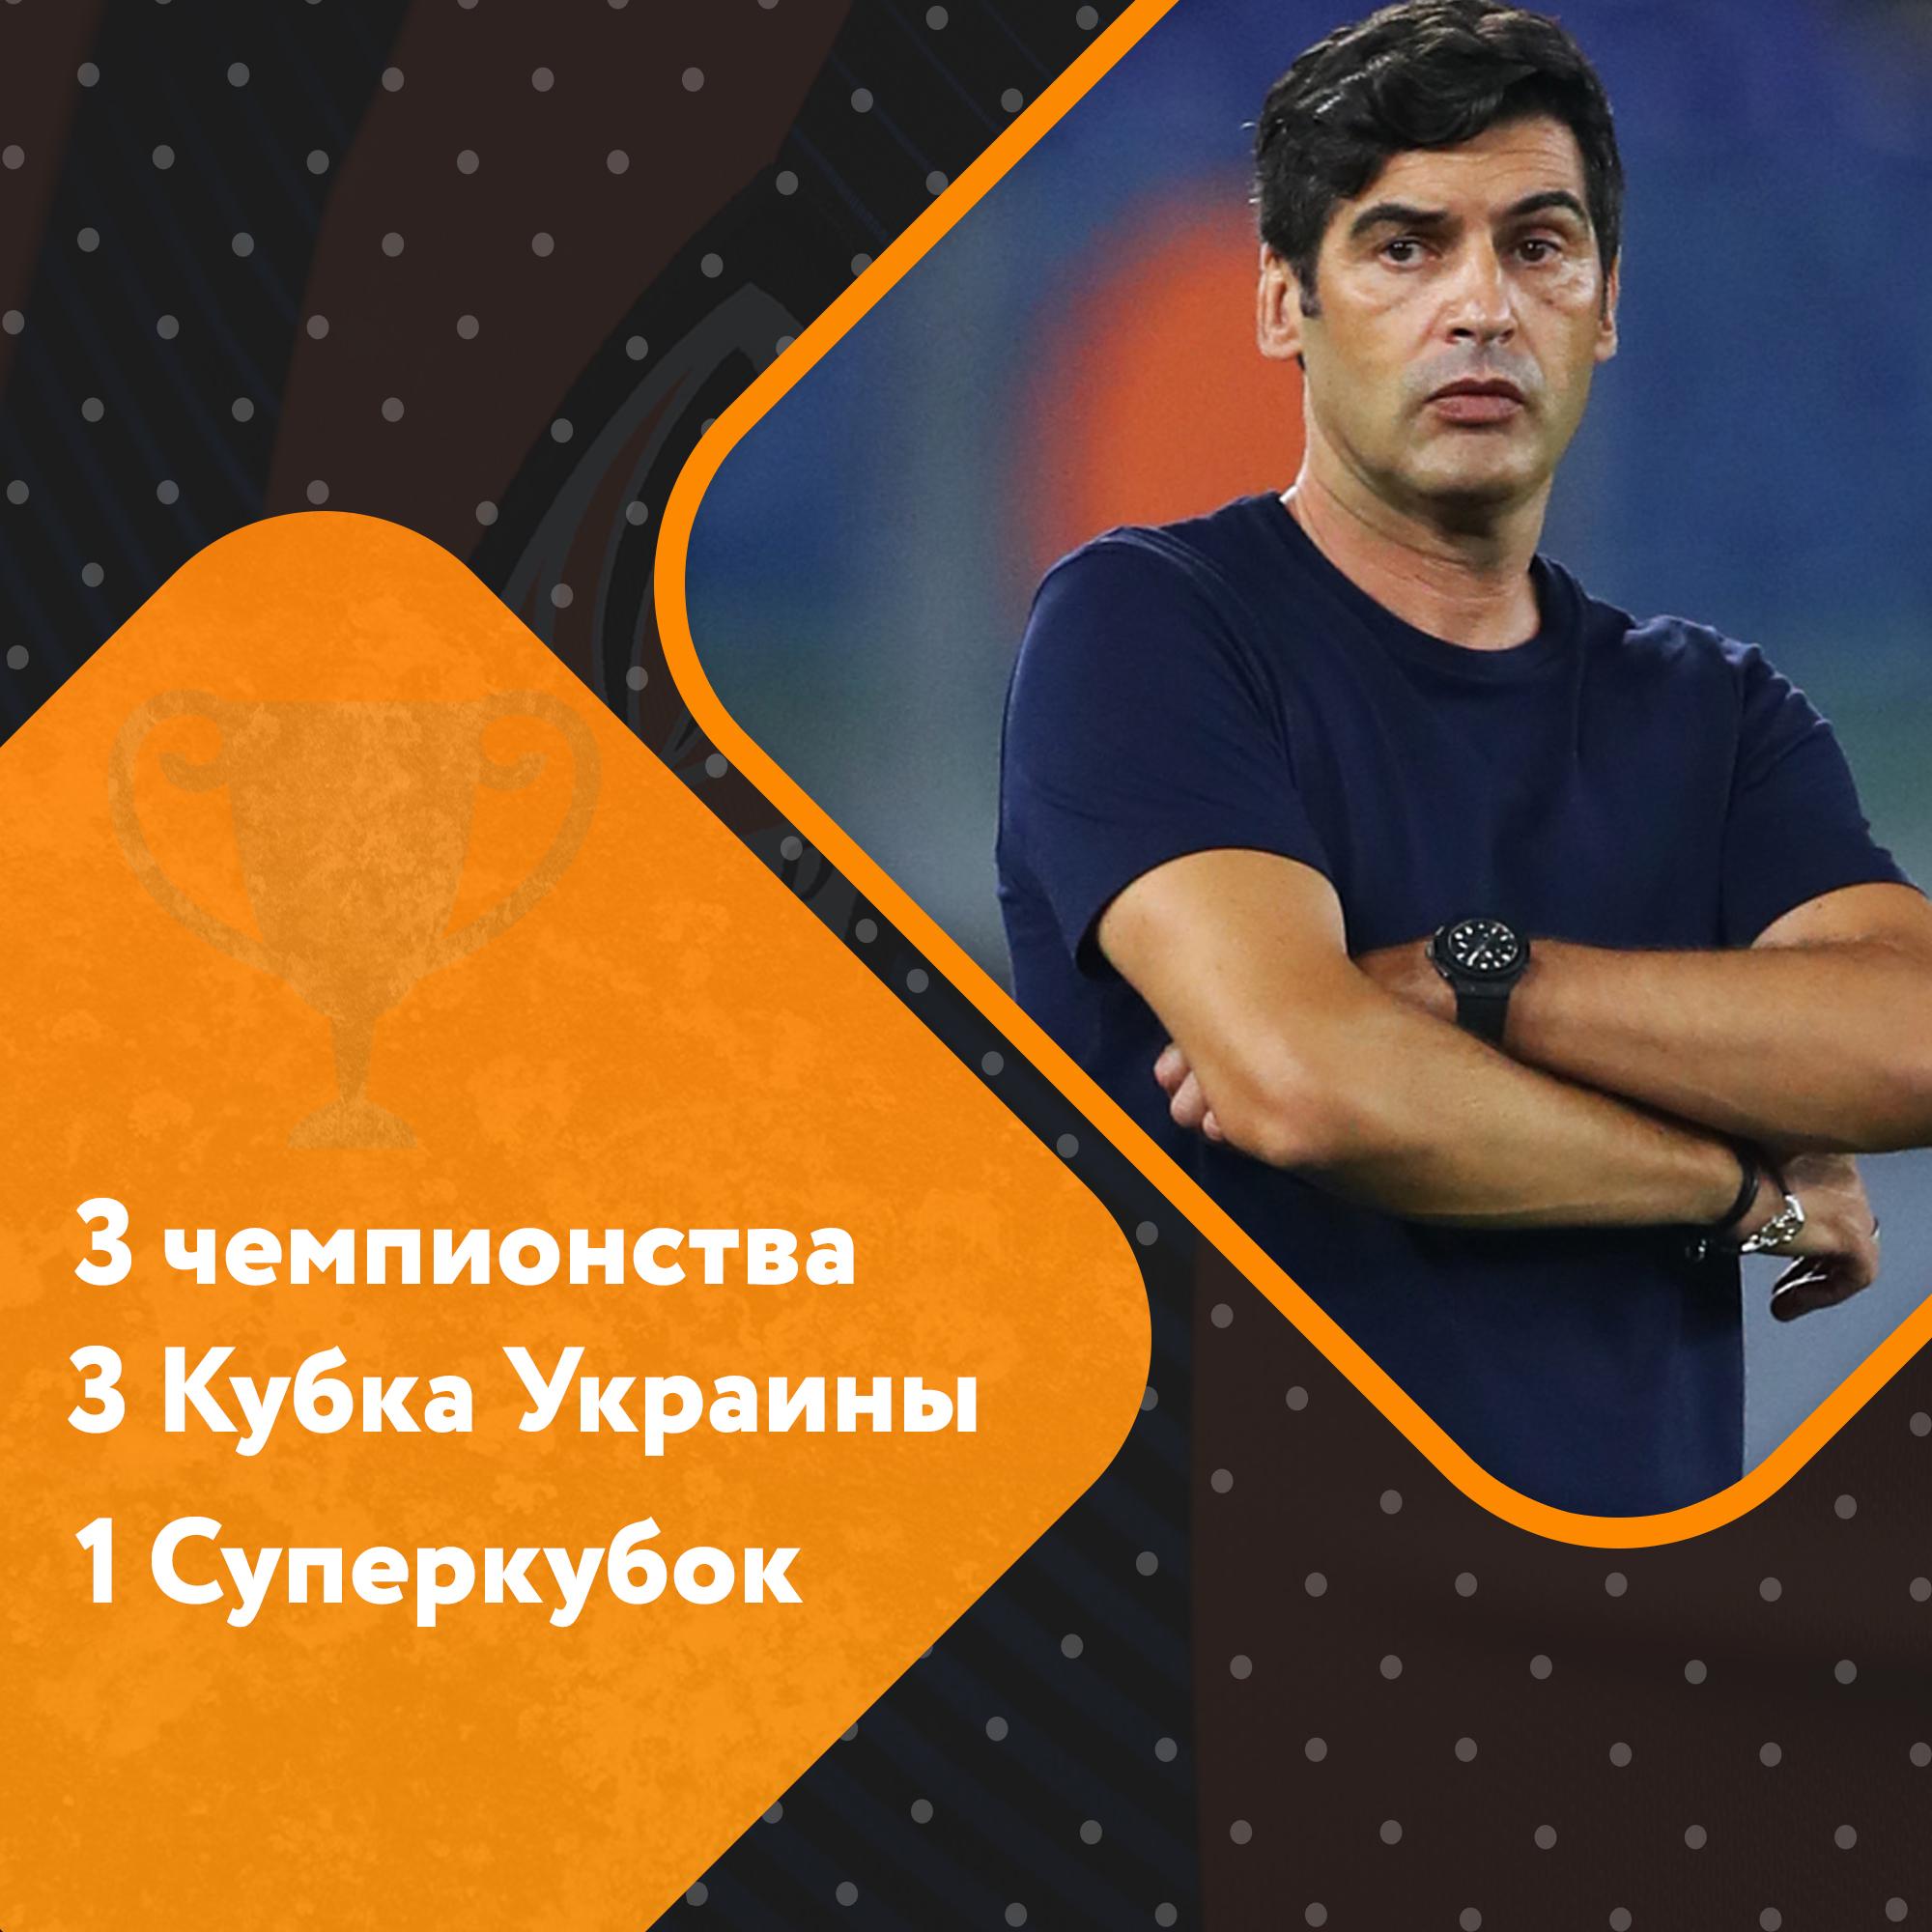 Тренеры «Шахтера» и «Динамо» за последние 15 лет: 29:17 - изображение 3